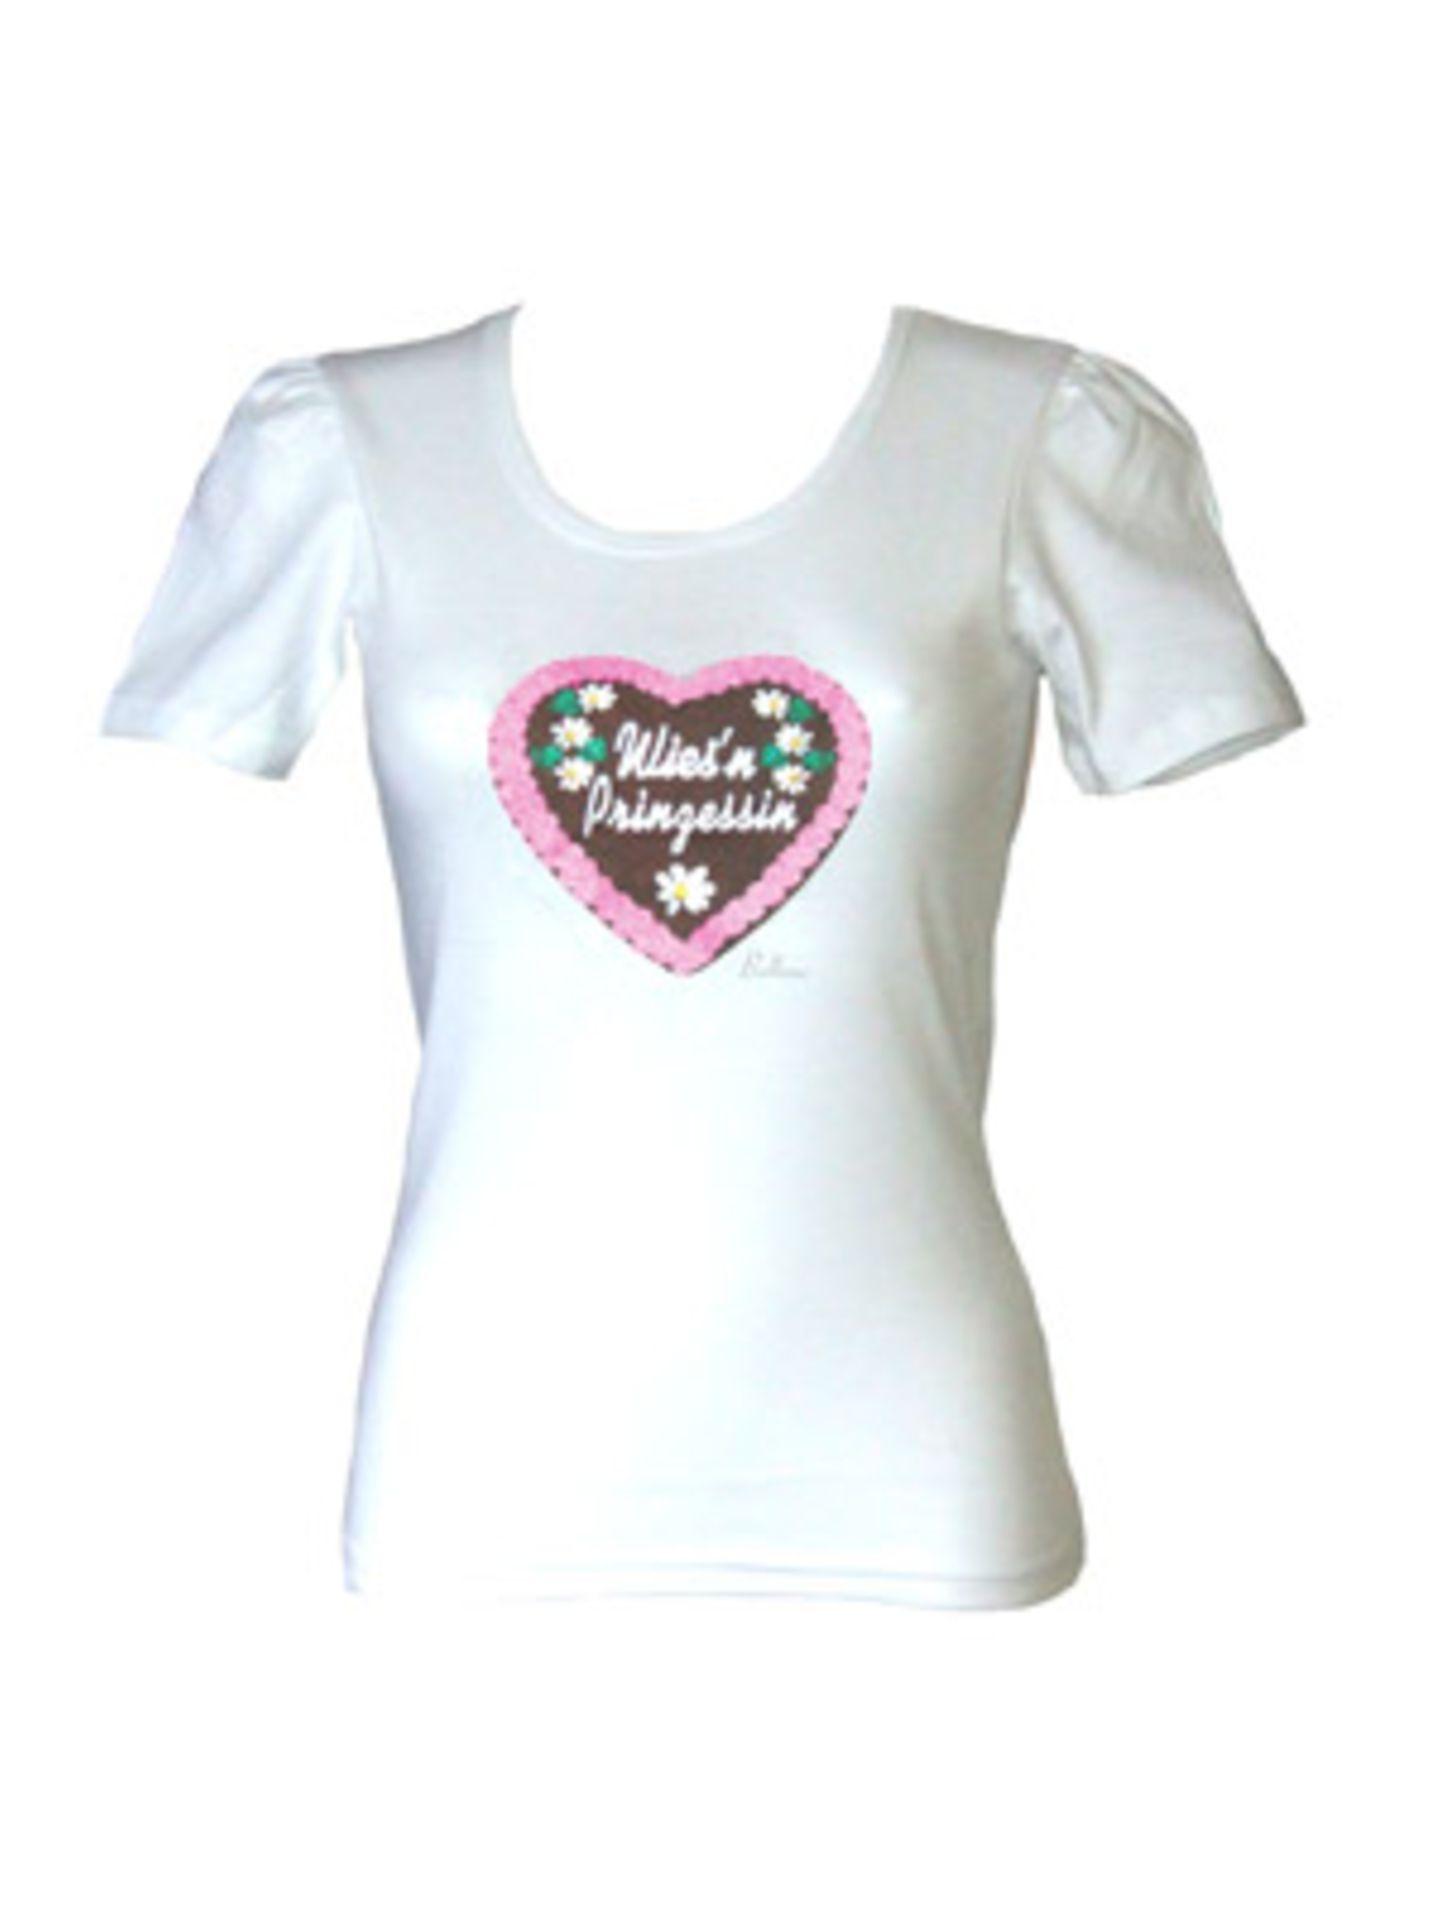 """Dieses Shirt von Balbina (um 40 Euro) macht dich auf jeden Fall zur """"Wies'nprinzessin"""". Über www.balbina-balbina.de."""